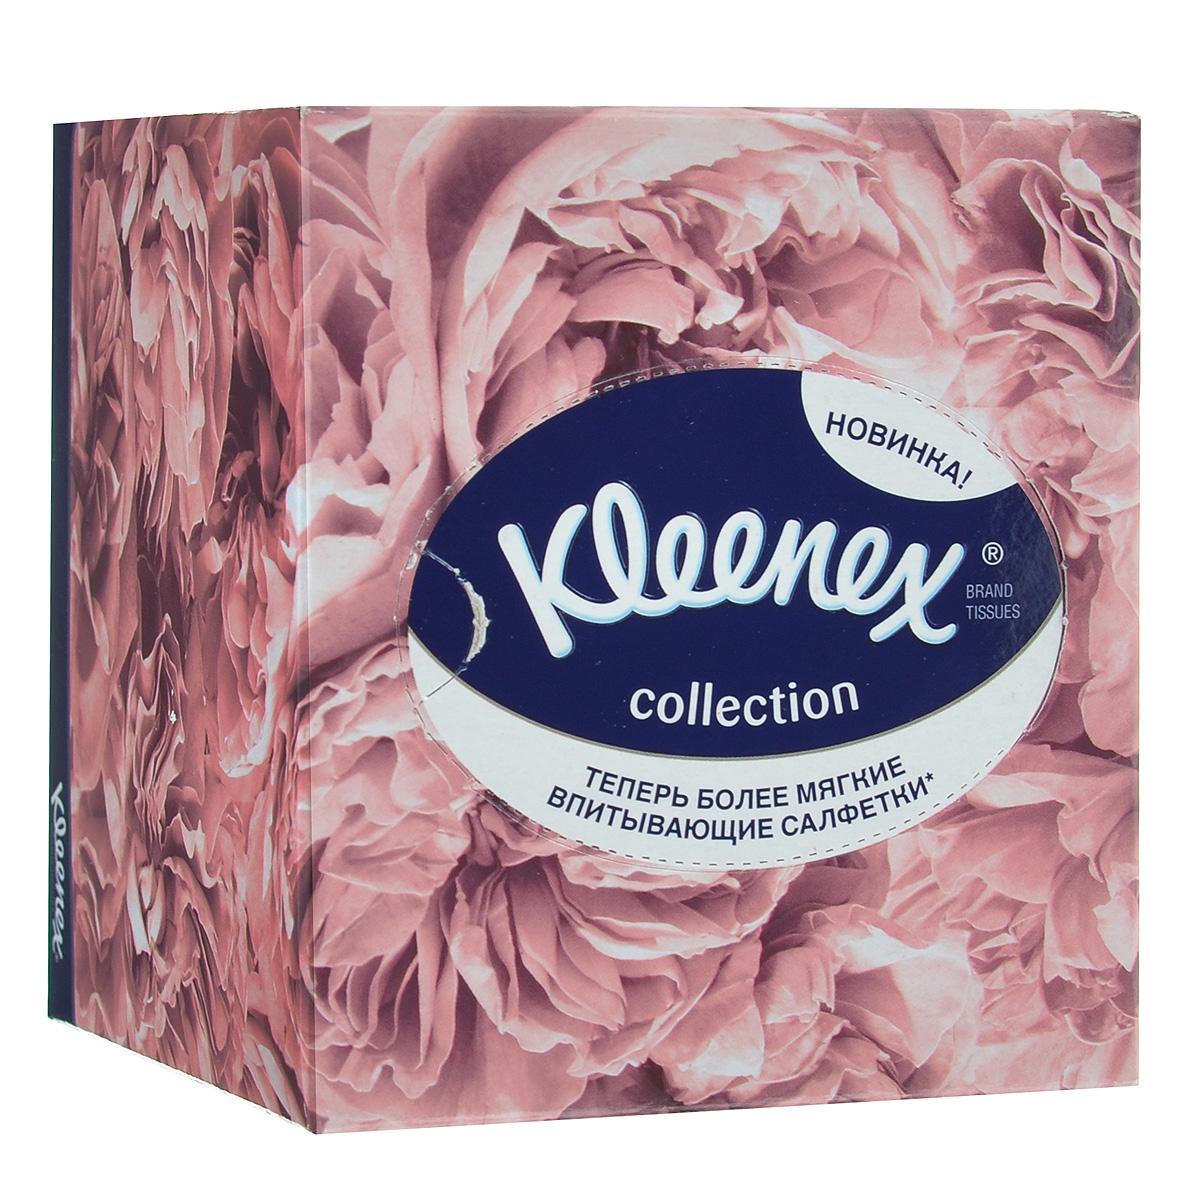 Салфетки универсальные Kleenex Collection, двухслойные, 21,6 см х 21,6 см, 100 шт (упаковка светло-коричневые цветы)98291124Двухслойные, мягкие, гигиенические салфетки Kleenex Collection изготовлены из высококачественного, экологически чистого сырья - 100% первичной целлюлозы. Салфетки обладают большой впитывающей способностью. Не вызывают аллергию, не раздражают чувствительную кожу. Благодаря уникальной мягкости, салфетки заботятся о вашей коже во время простуды. Просты и удобны в использовании. Применяются дома и в офисе, на работе и отдыхе. Для хранения салфеток предусмотрена специальная коробочка. Выберите себе настроение! Как всегда разные: яркие и спокойные, задорные и утонченные коробочки с салфетками Kleenex Collection найдут свое место в любом уголке вашей квартиры и добавят в ваш дом теплоты и уюта даже в самый хмурый день. Товар сертифицирован.Размер салфетки: 21,6 см х 21,6 см. Комплектация: 100 шт.